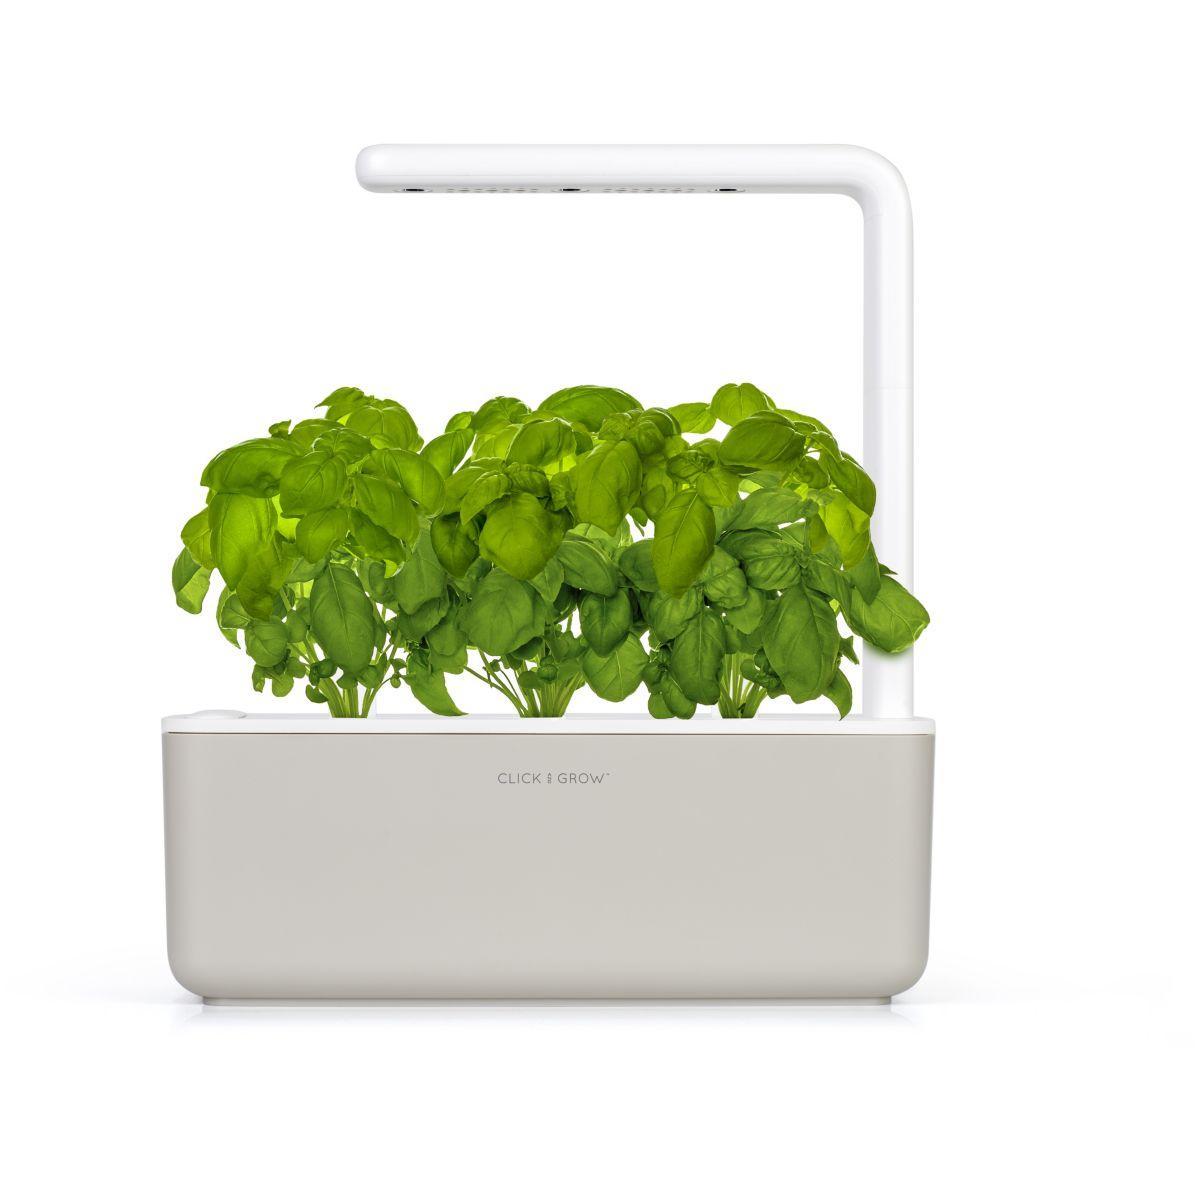 Jardin d'int�rieur click and grow smart garden 3 beige - 7% de remise imm�diate avec le code : priv7 (photo)